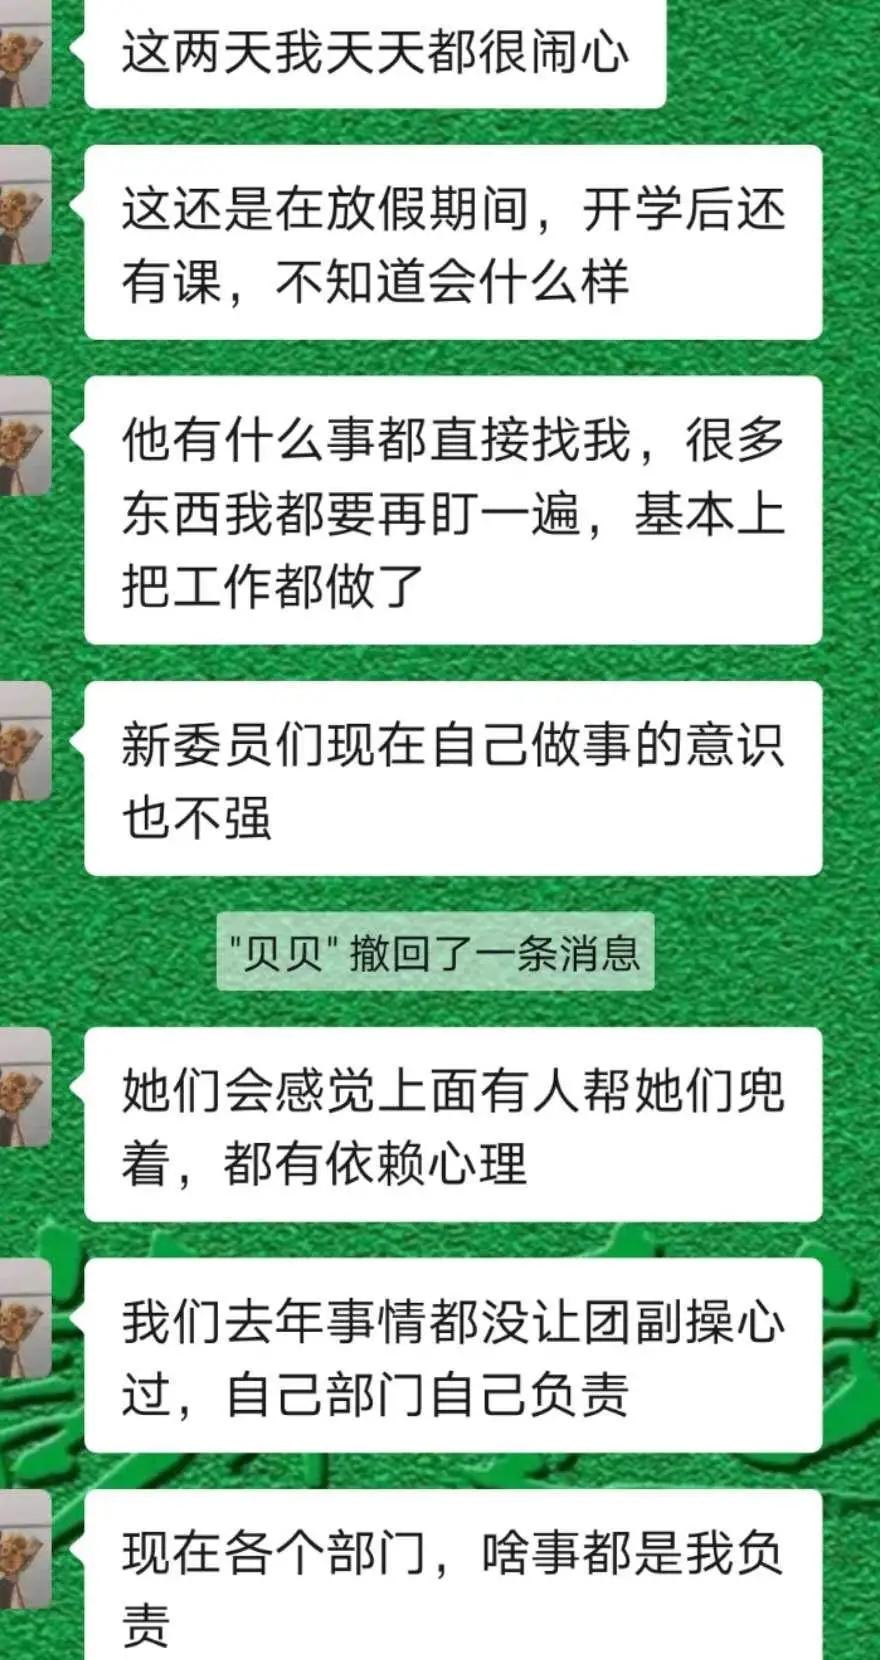 湖南师范一女生校内上吊自杀:曾担任团委副书记,因工作压力欲轻生